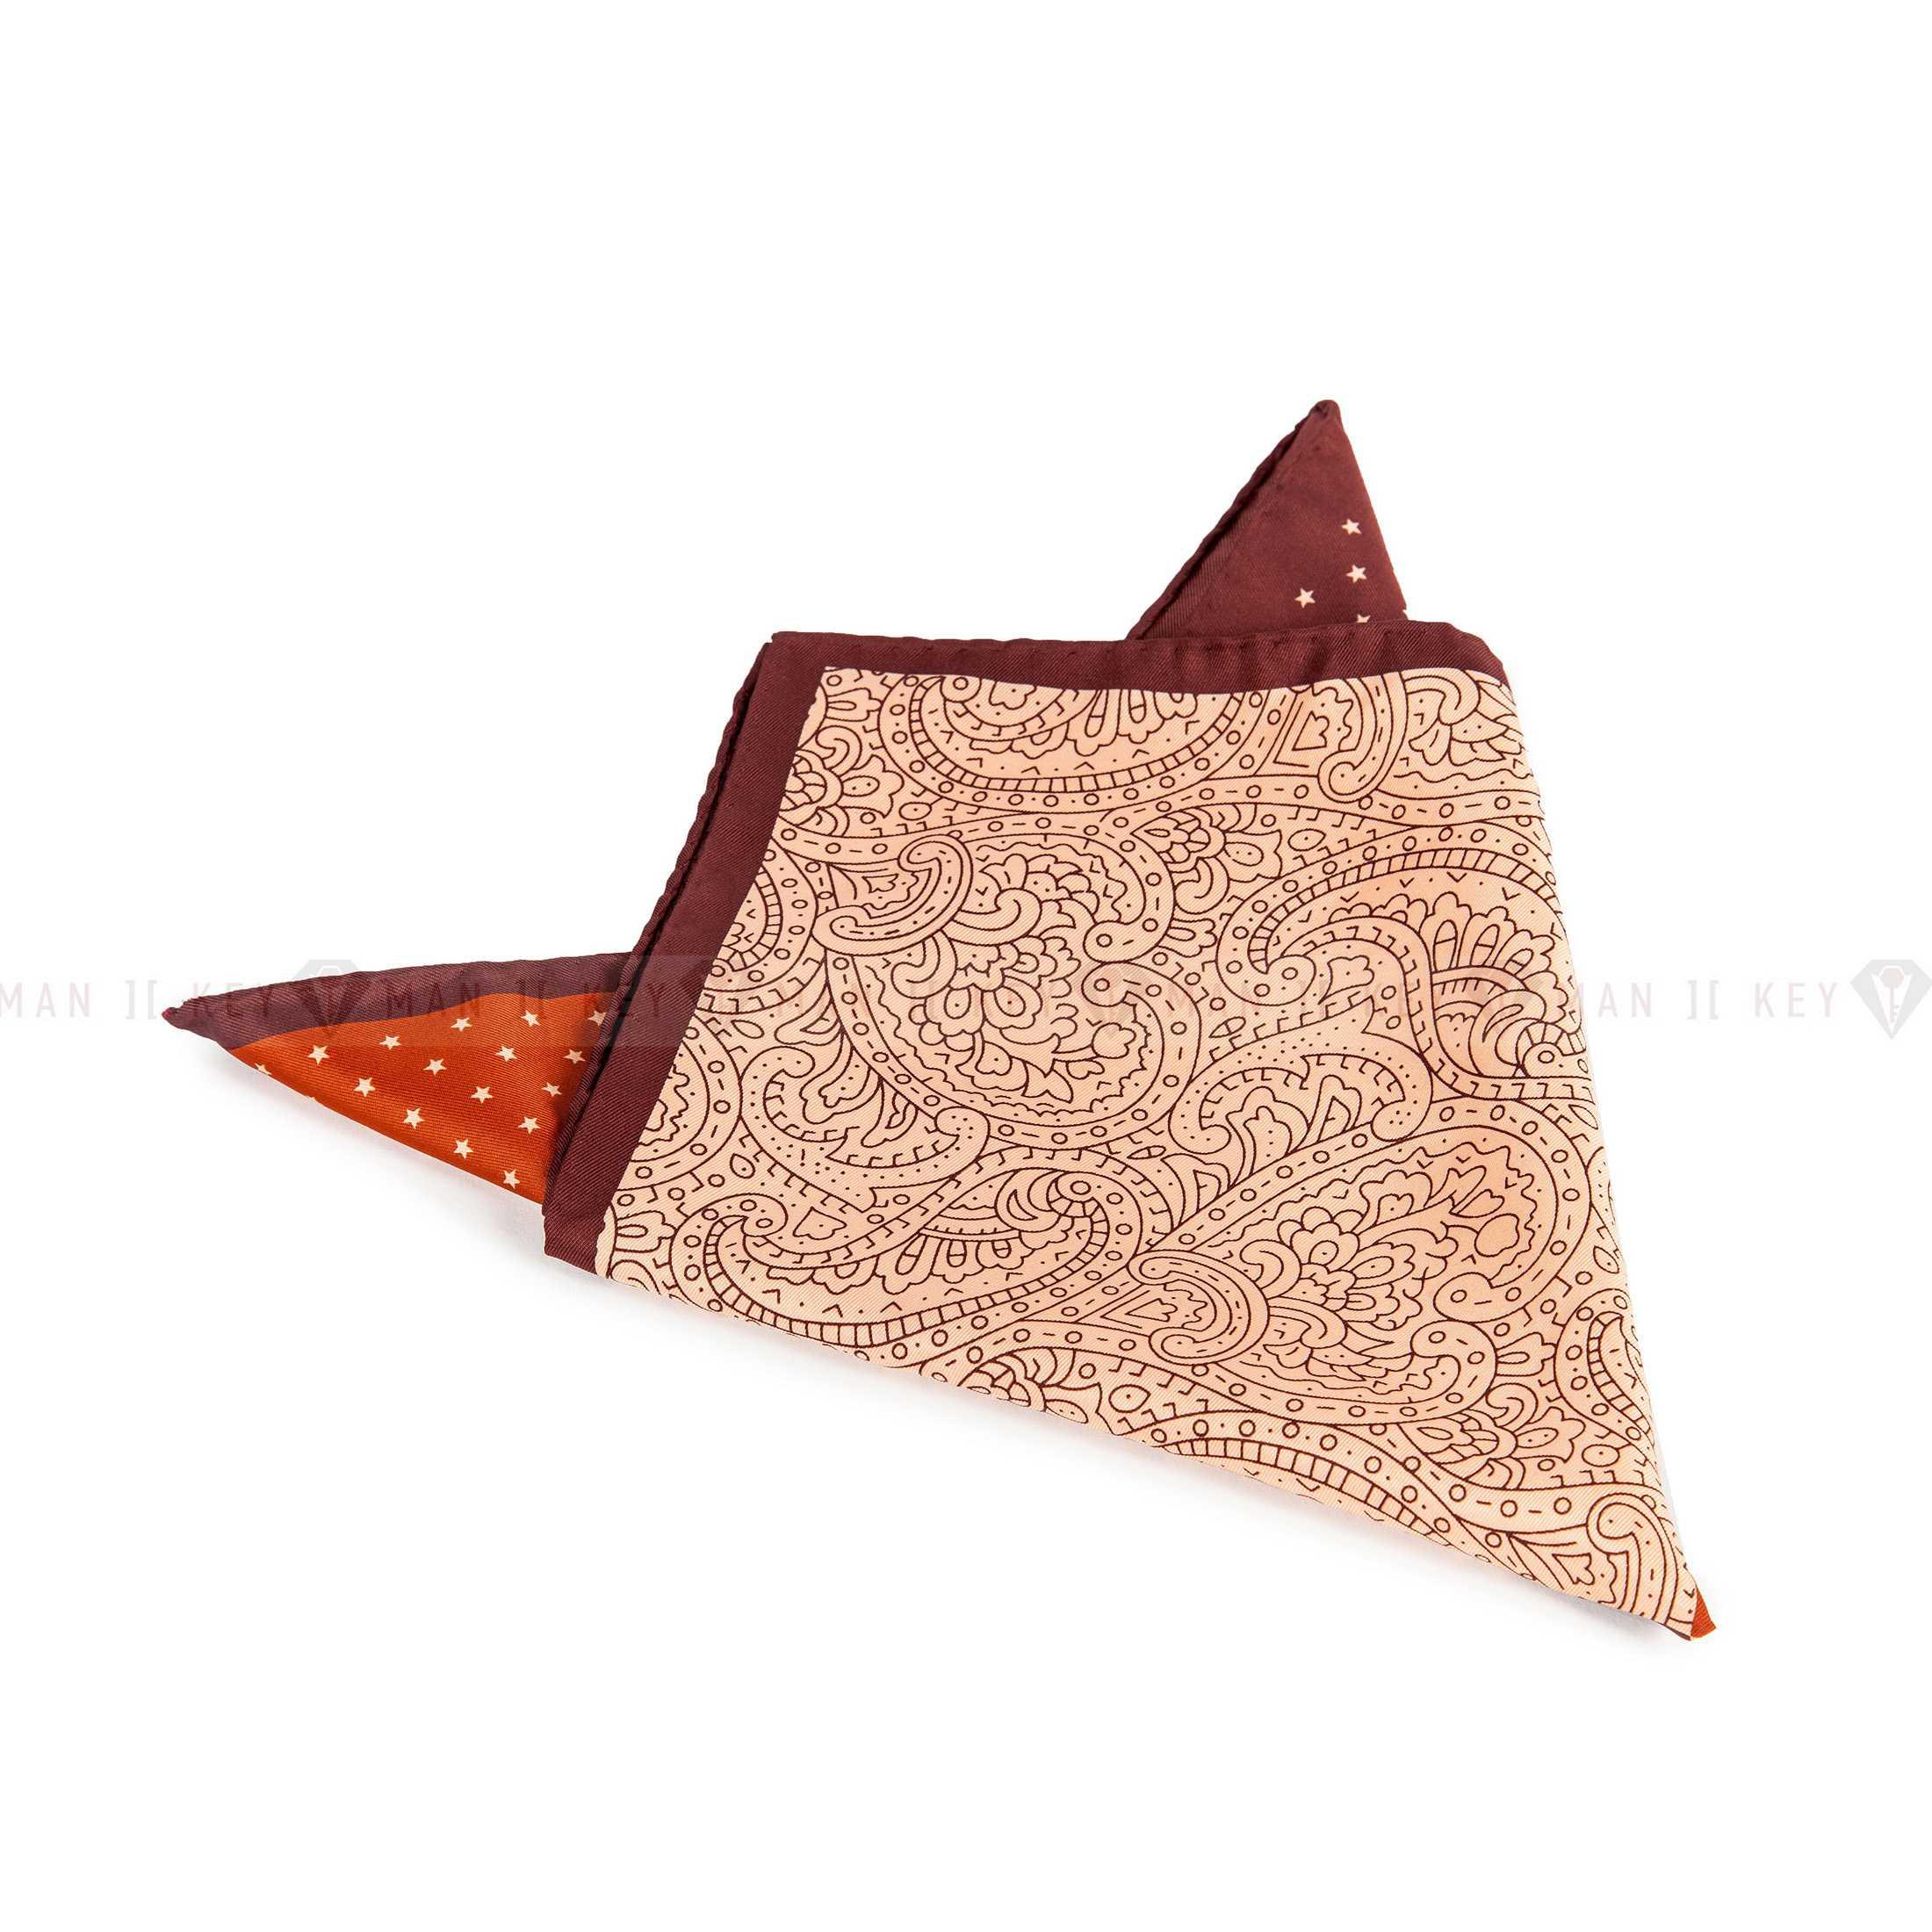 Платок нагрудный в карман пиджака бежево-коричневый